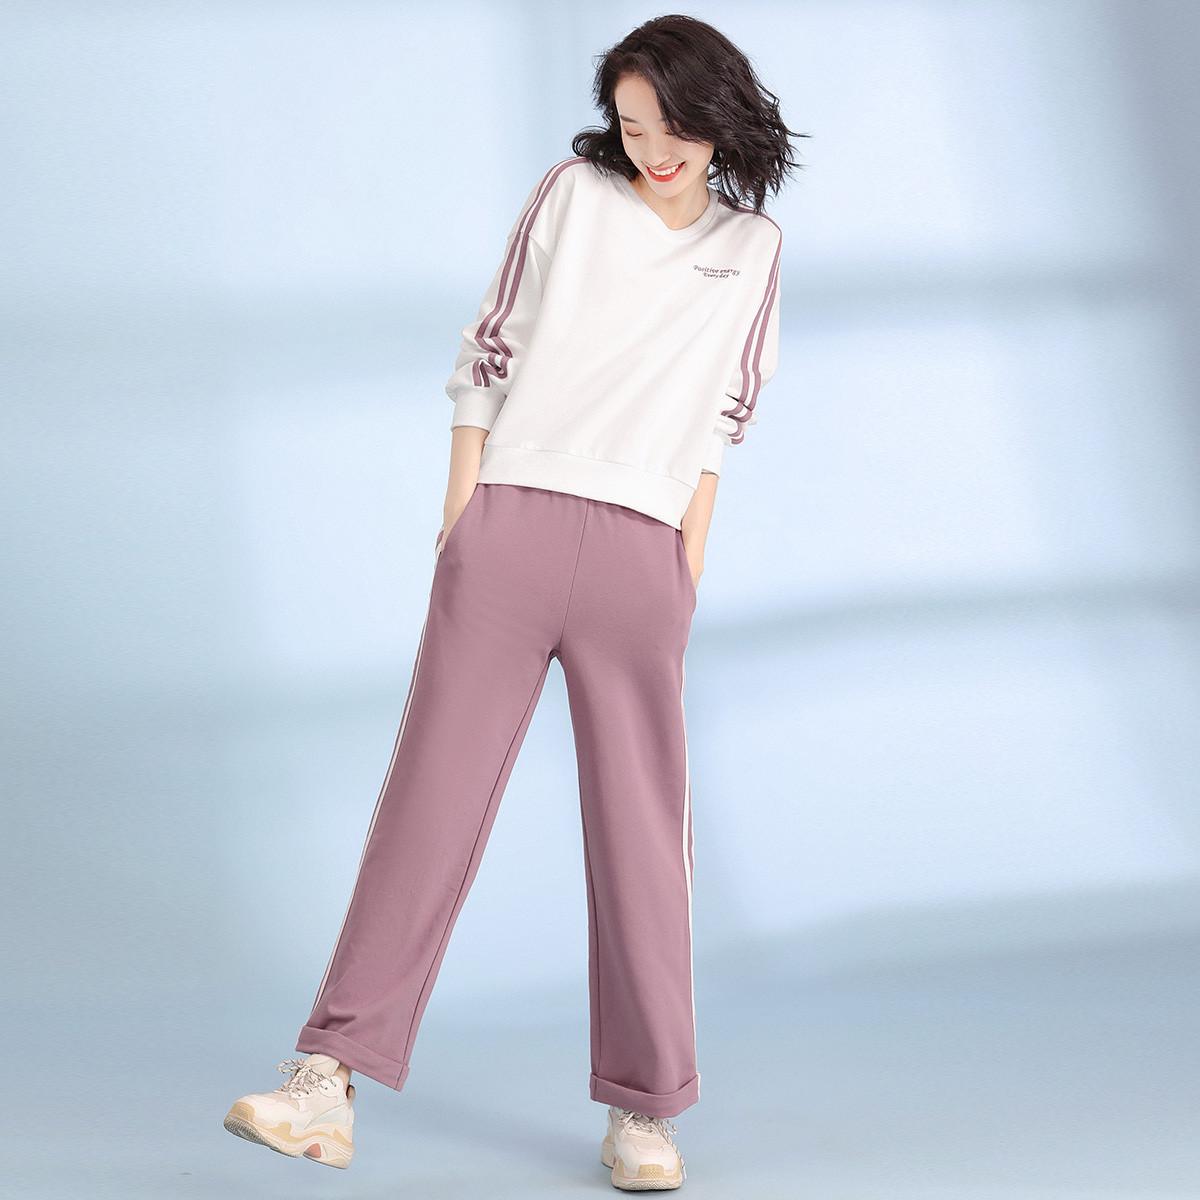 自由呼吸【2020春装新款】时尚运动风拼接条纹两件套显瘦阔腿裤套装女Z0C3014CK玫粉色